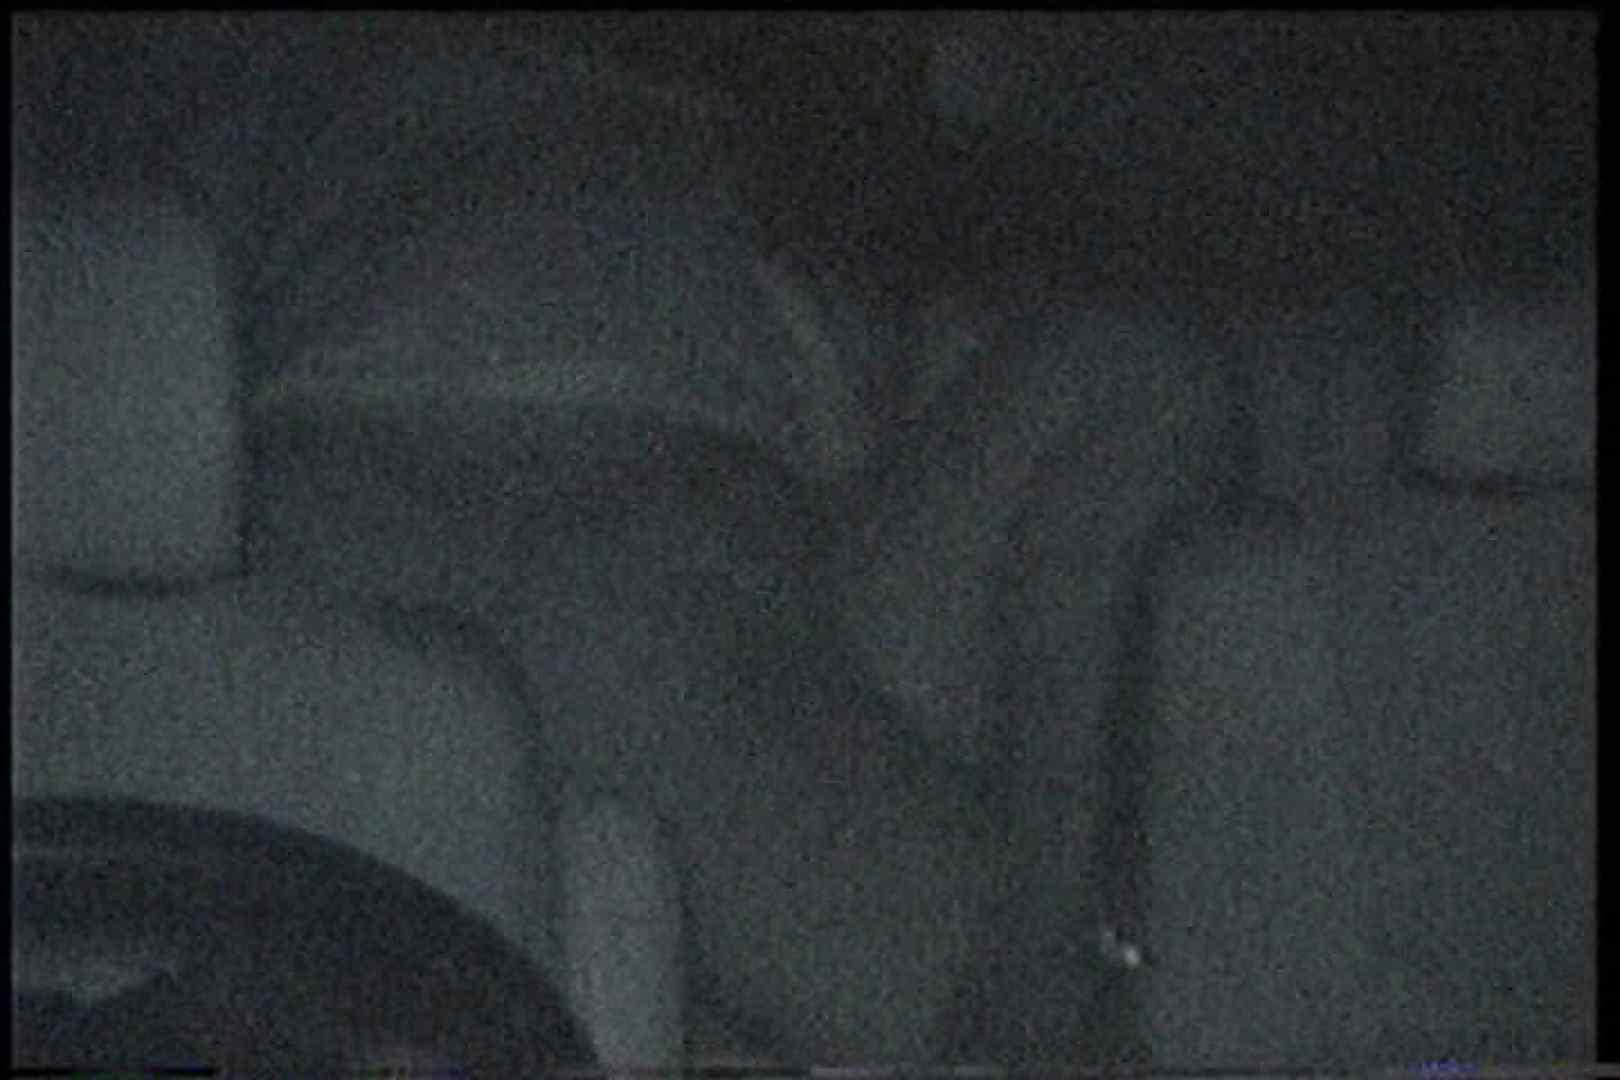 充血監督の深夜の運動会Vol.181 OLセックス 盗撮オマンコ無修正動画無料 84画像 32